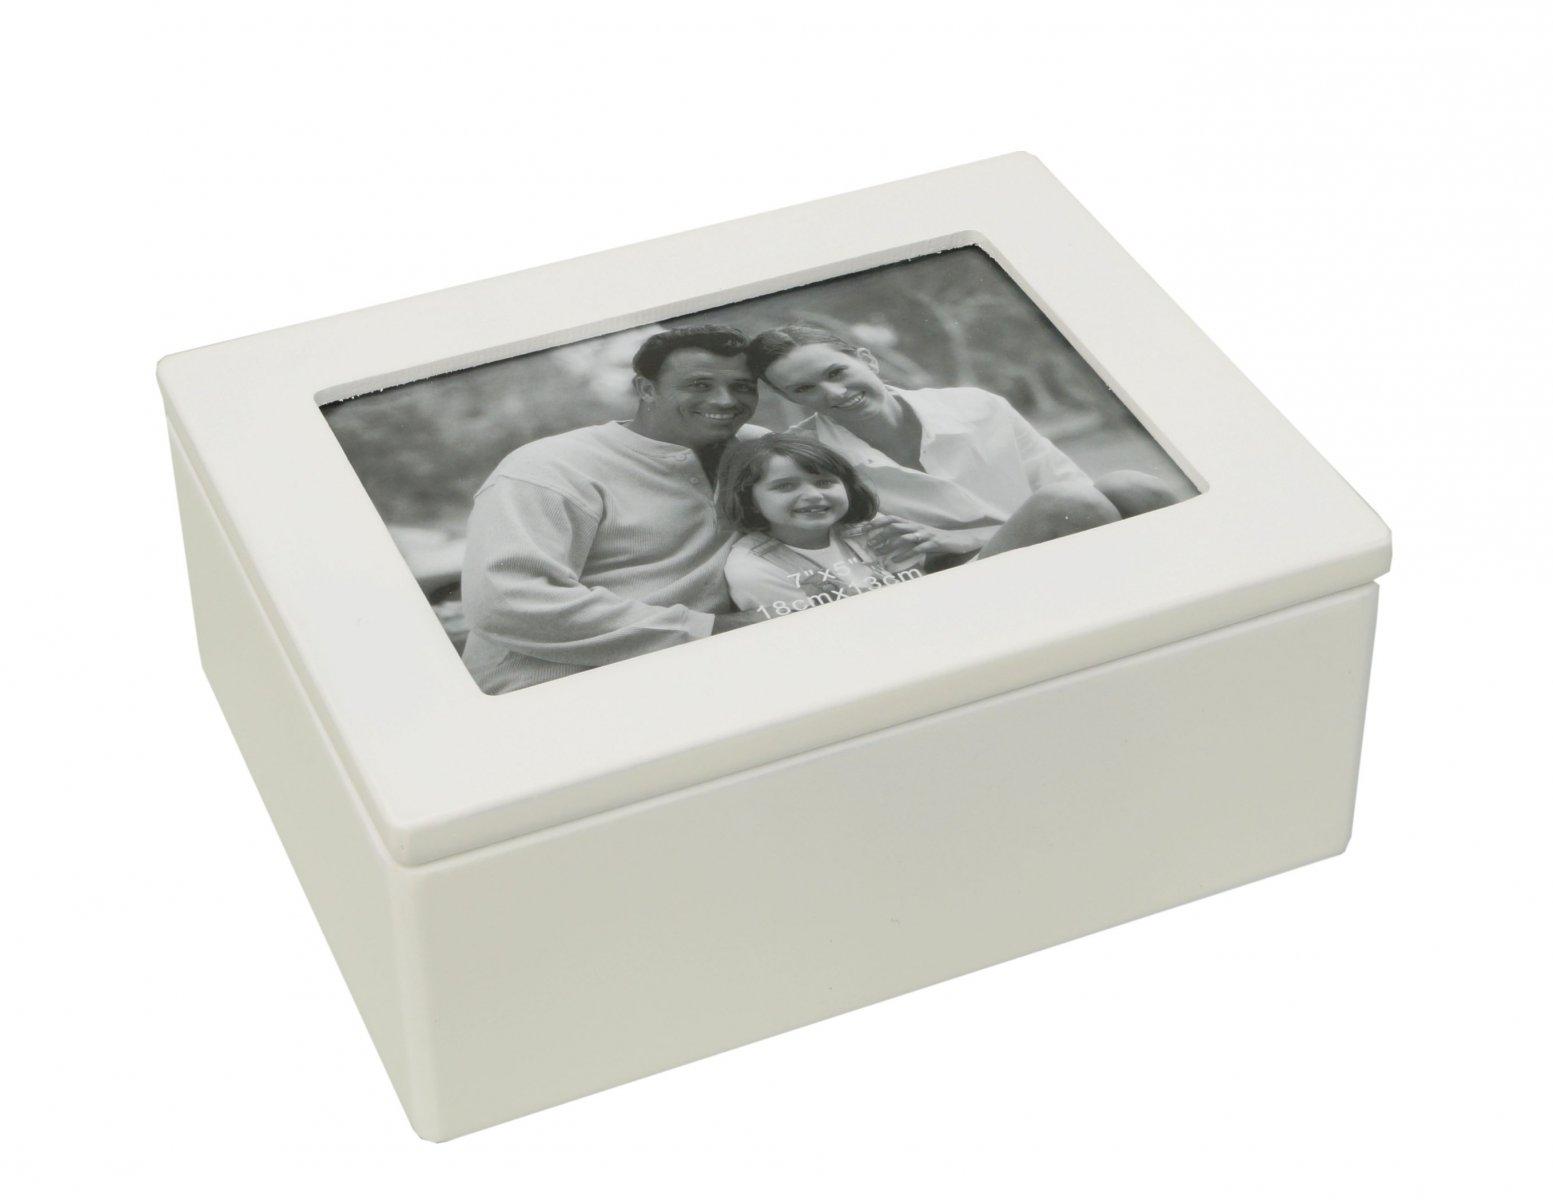 Szkatułka na biżuterię biała styl Retro z lusterkiem miejsce na zdjęcie